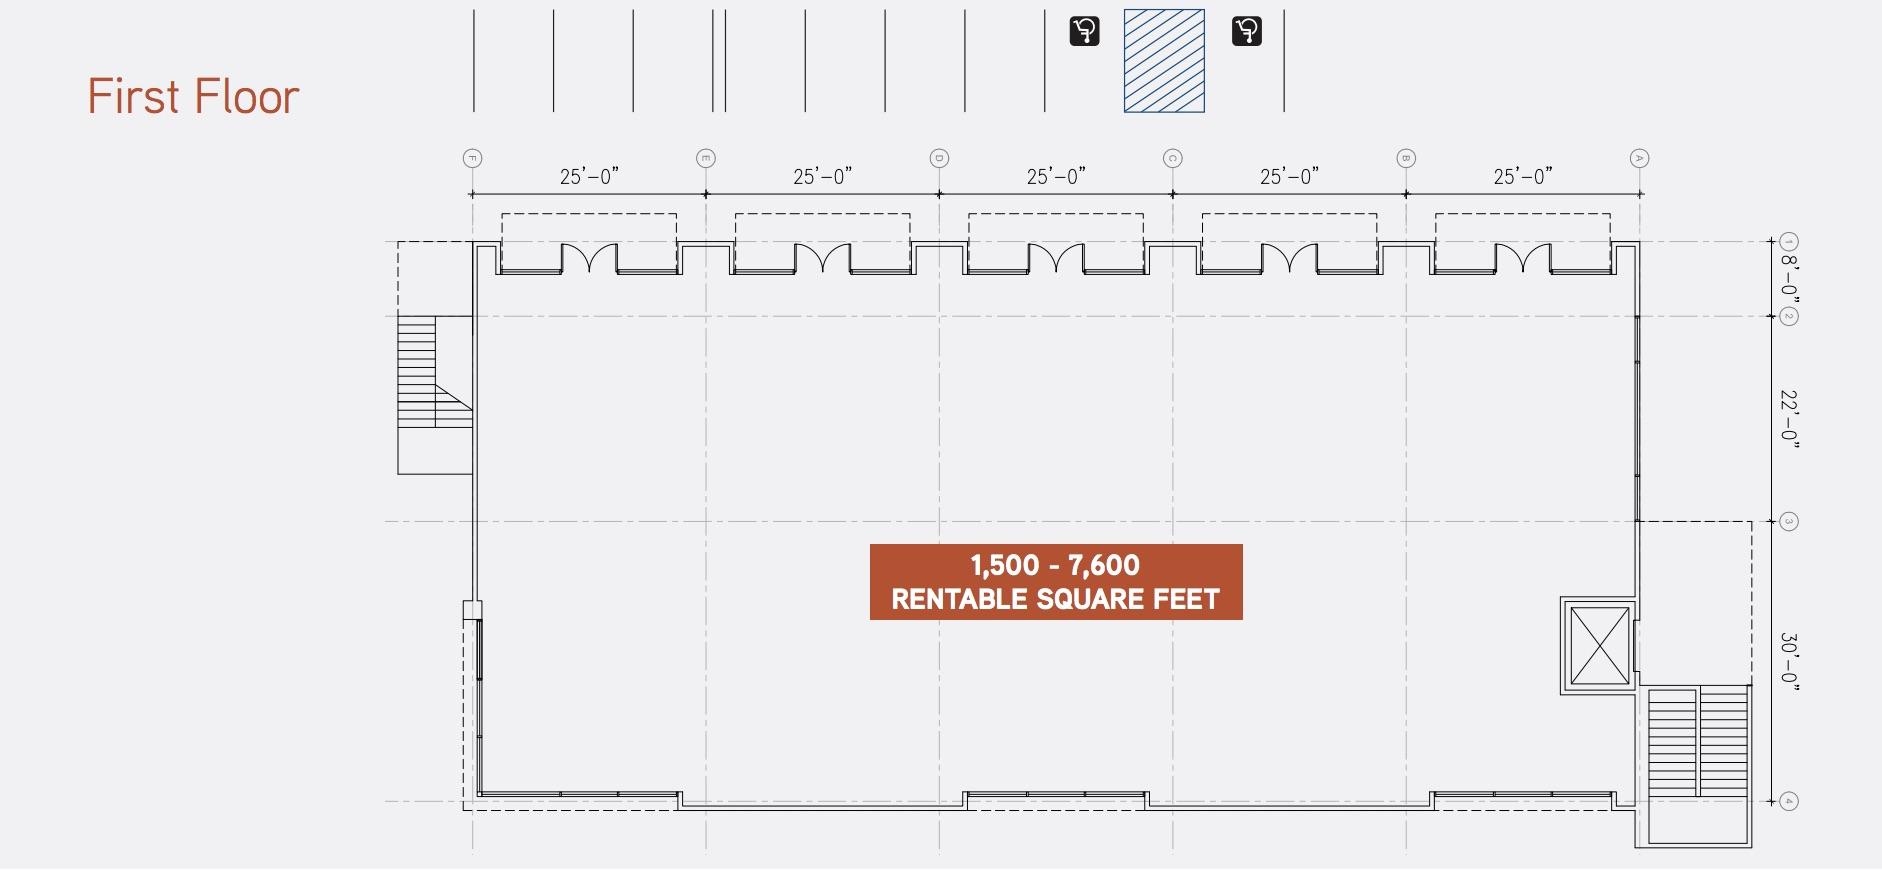 1st Floor rentable sqft.jpg